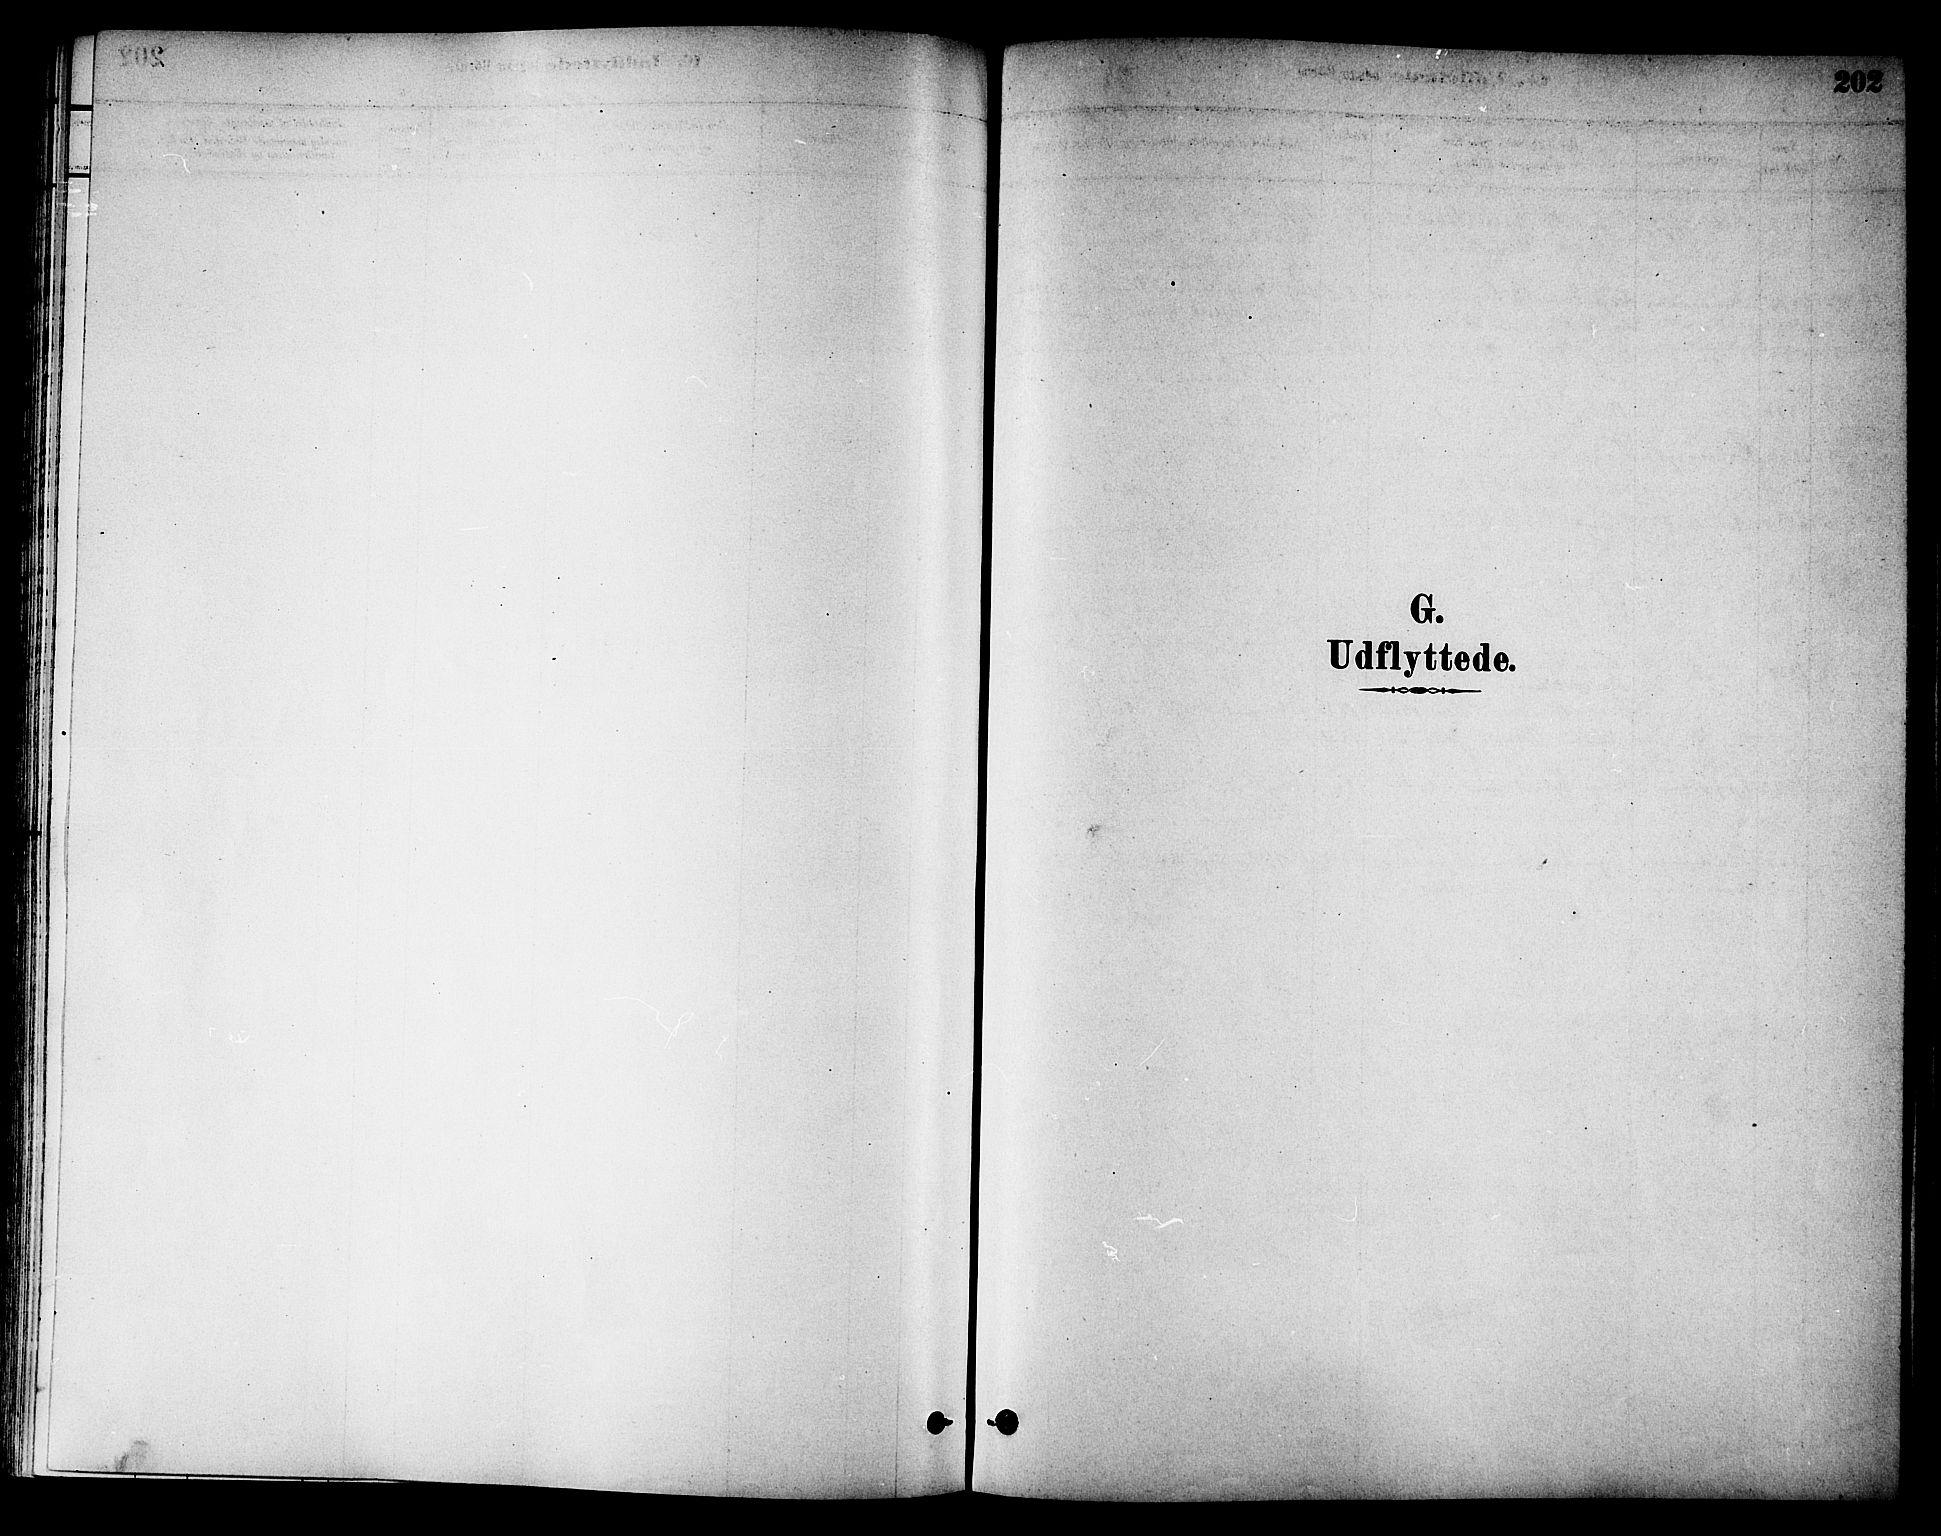 SAT, Ministerialprotokoller, klokkerbøker og fødselsregistre - Nord-Trøndelag, 784/L0672: Ministerialbok nr. 784A07, 1880-1887, s. 202